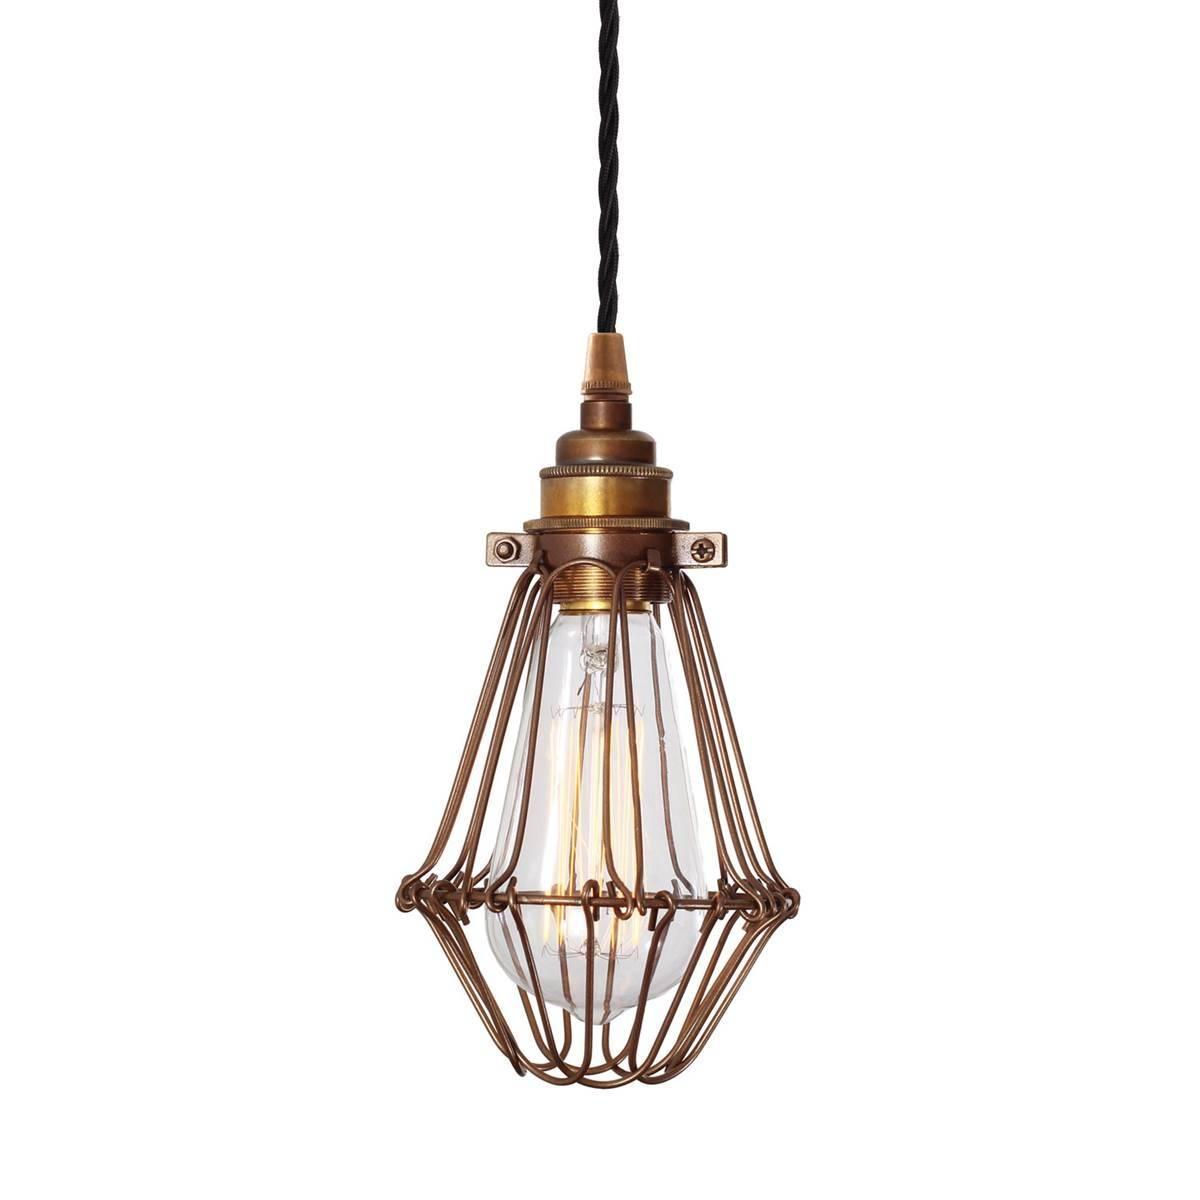 Praia Industrial Cage Pendant Light Bronze | Mullan Lighting in Bronze Cage Pendant Lights (Image 12 of 15)